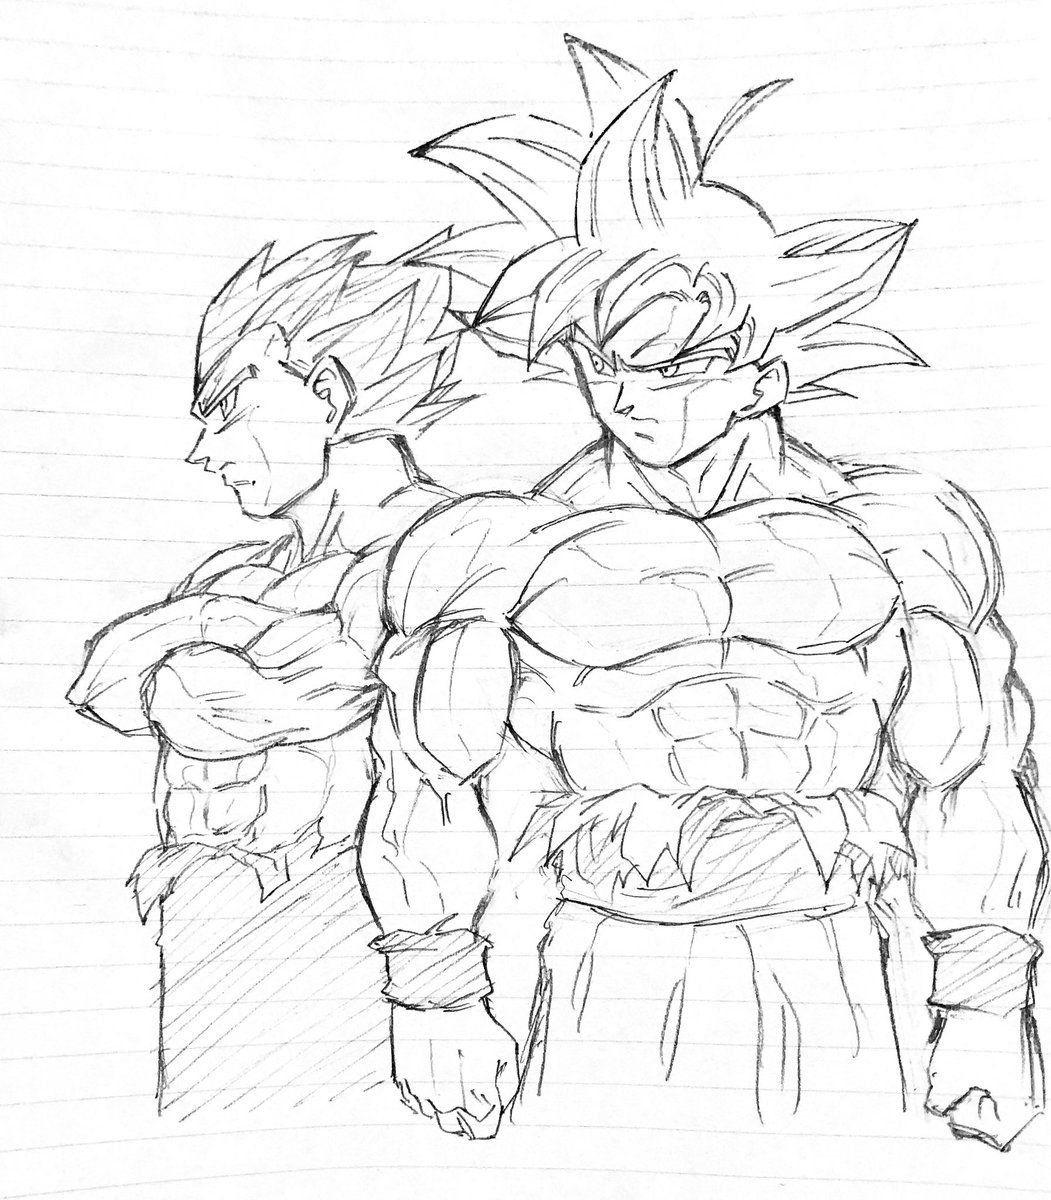 Comment Dessiner Son Goku Ultra Instinct Recherche Google Dessin Comment Dessiner Carnet De Dessin